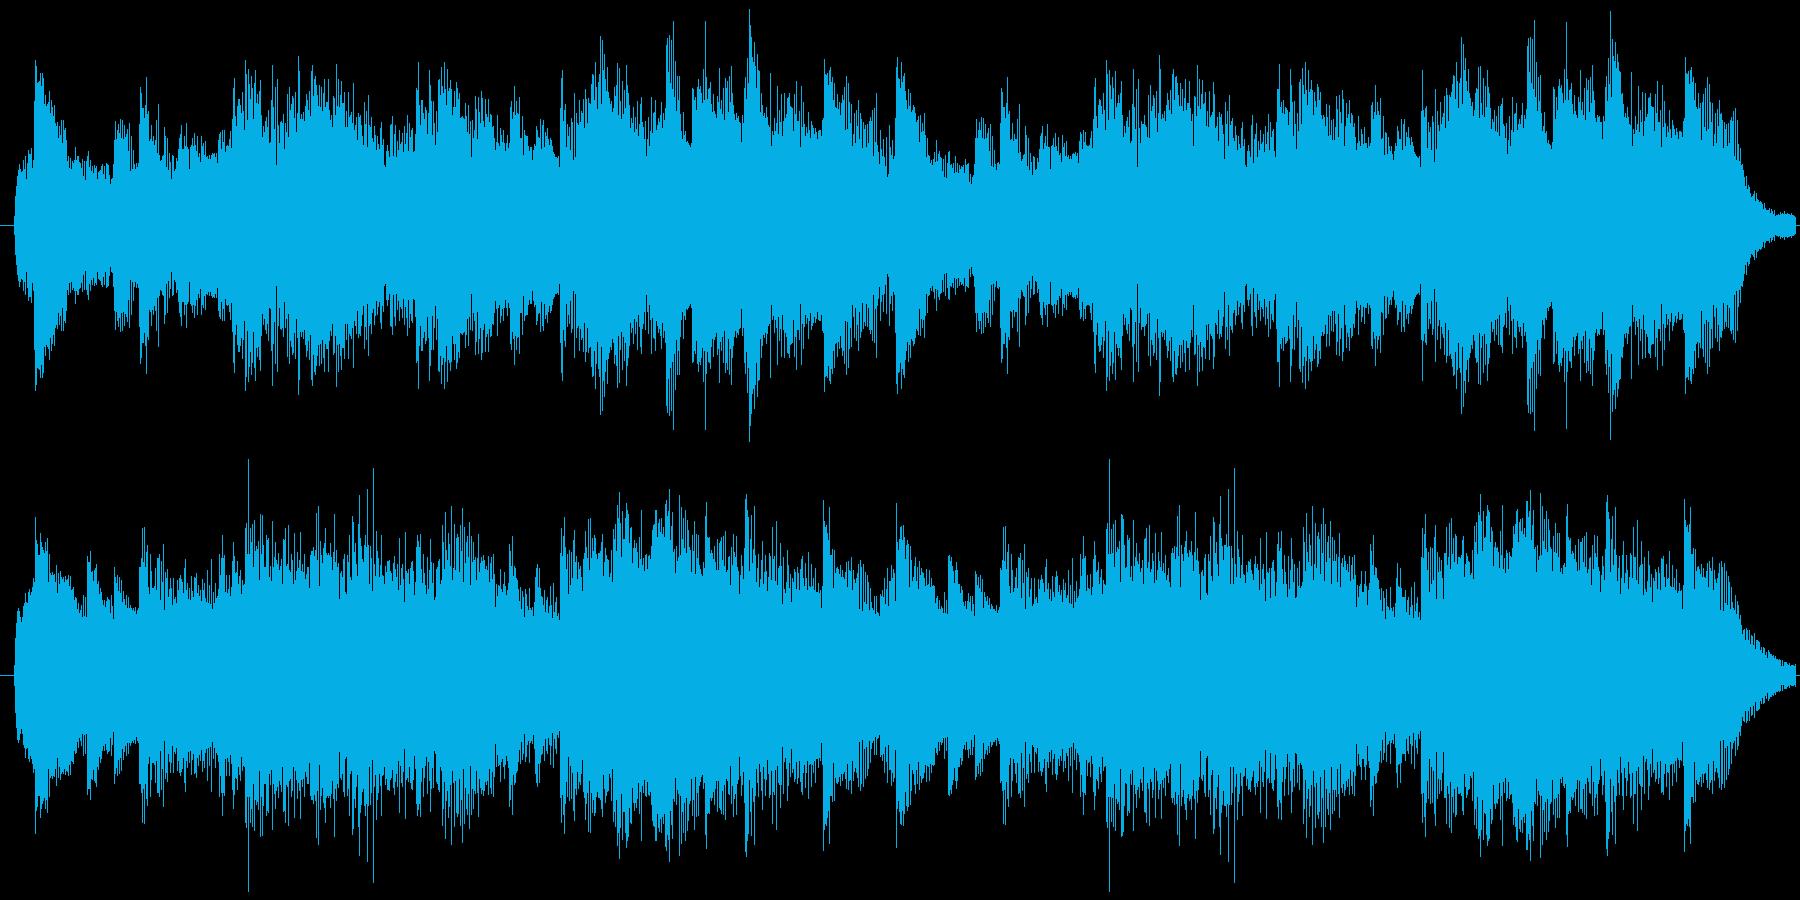 オシャレでクールなピアノソロ曲の再生済みの波形